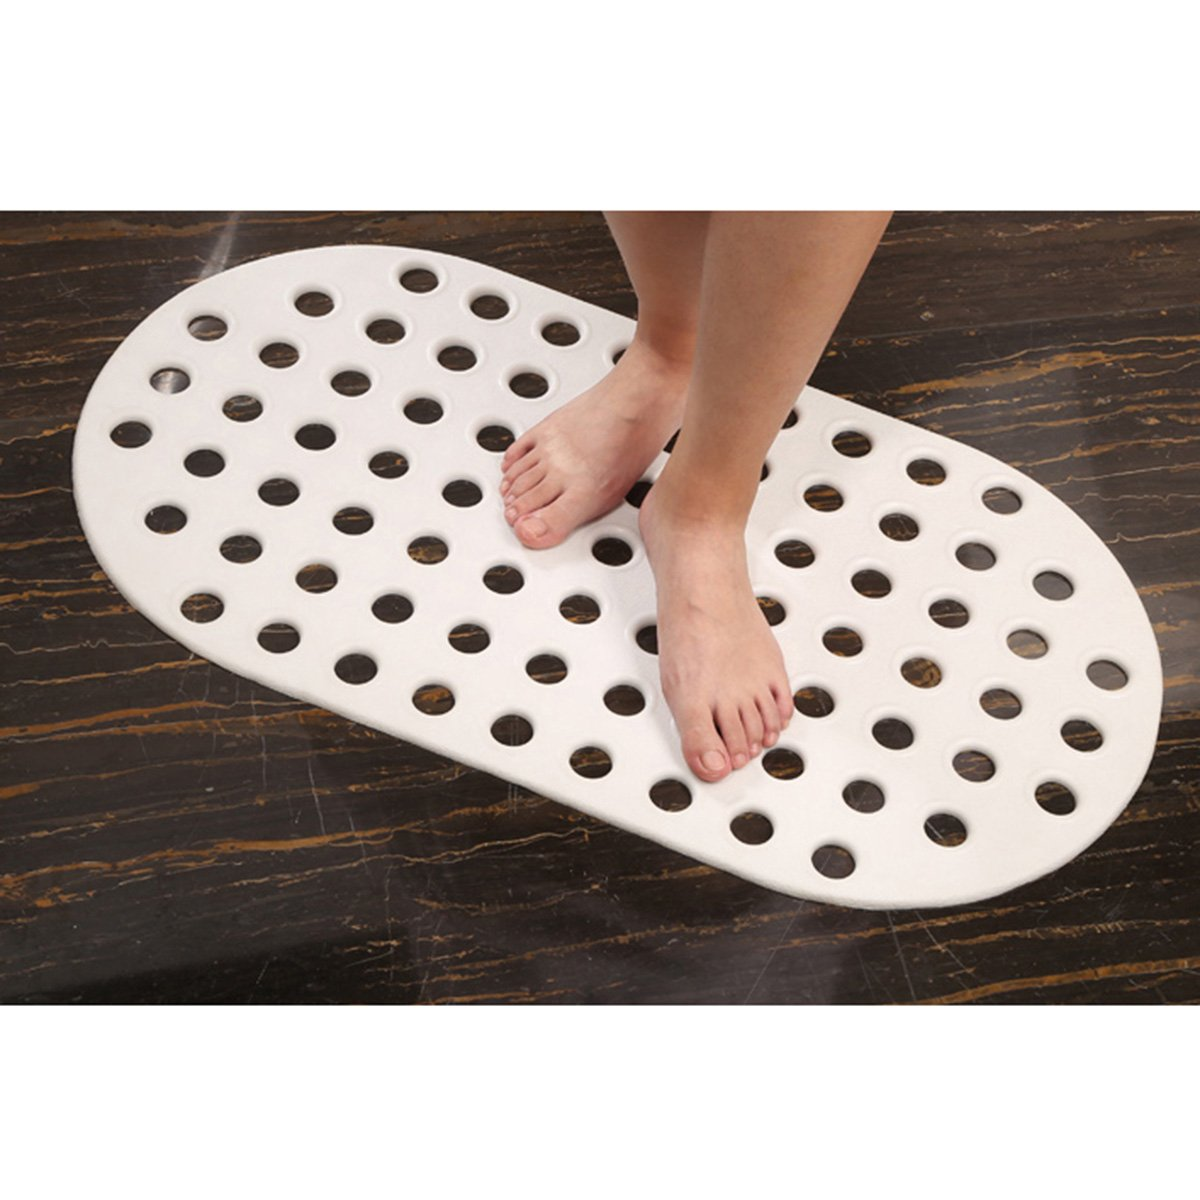 f/ür Kinder und /ältere Menschen sehr gut Oval weiss 74x 39 cm Sofhom Badewannenmatte Grosse L/öcher Duschmatte TPE Rutschfeste Badewanneneinlage Badematte